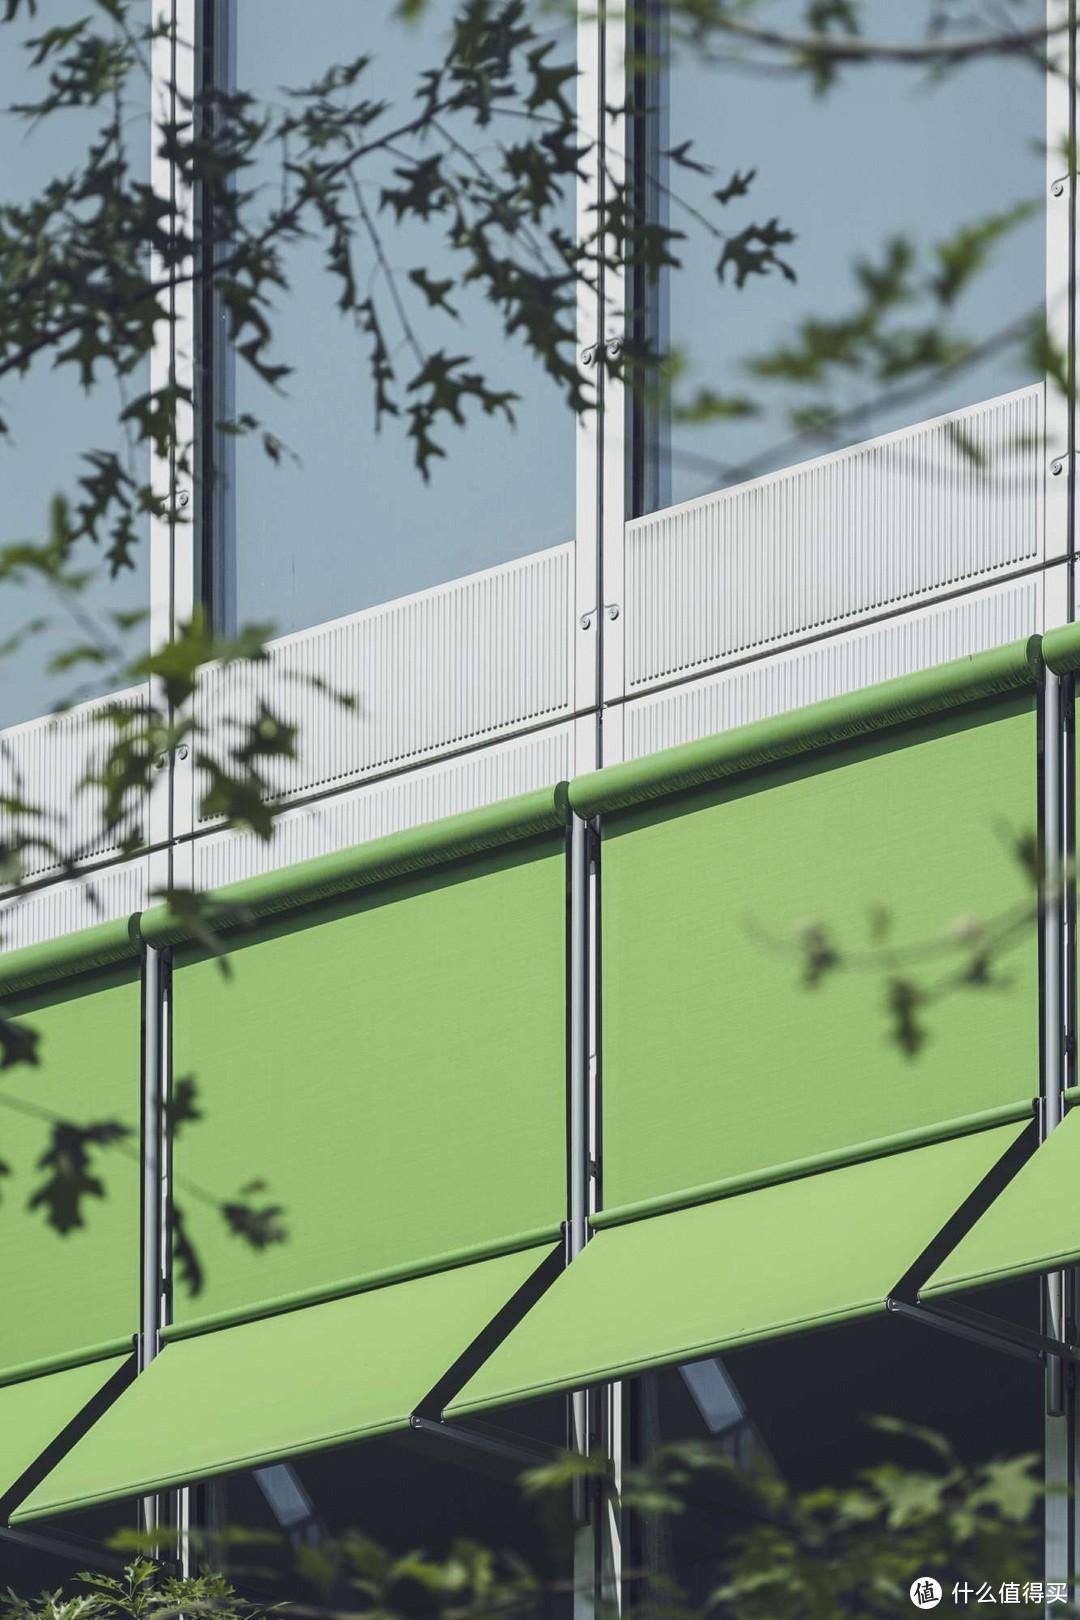 体积与画质的完美平衡 富士GFX100S感受建筑魅力